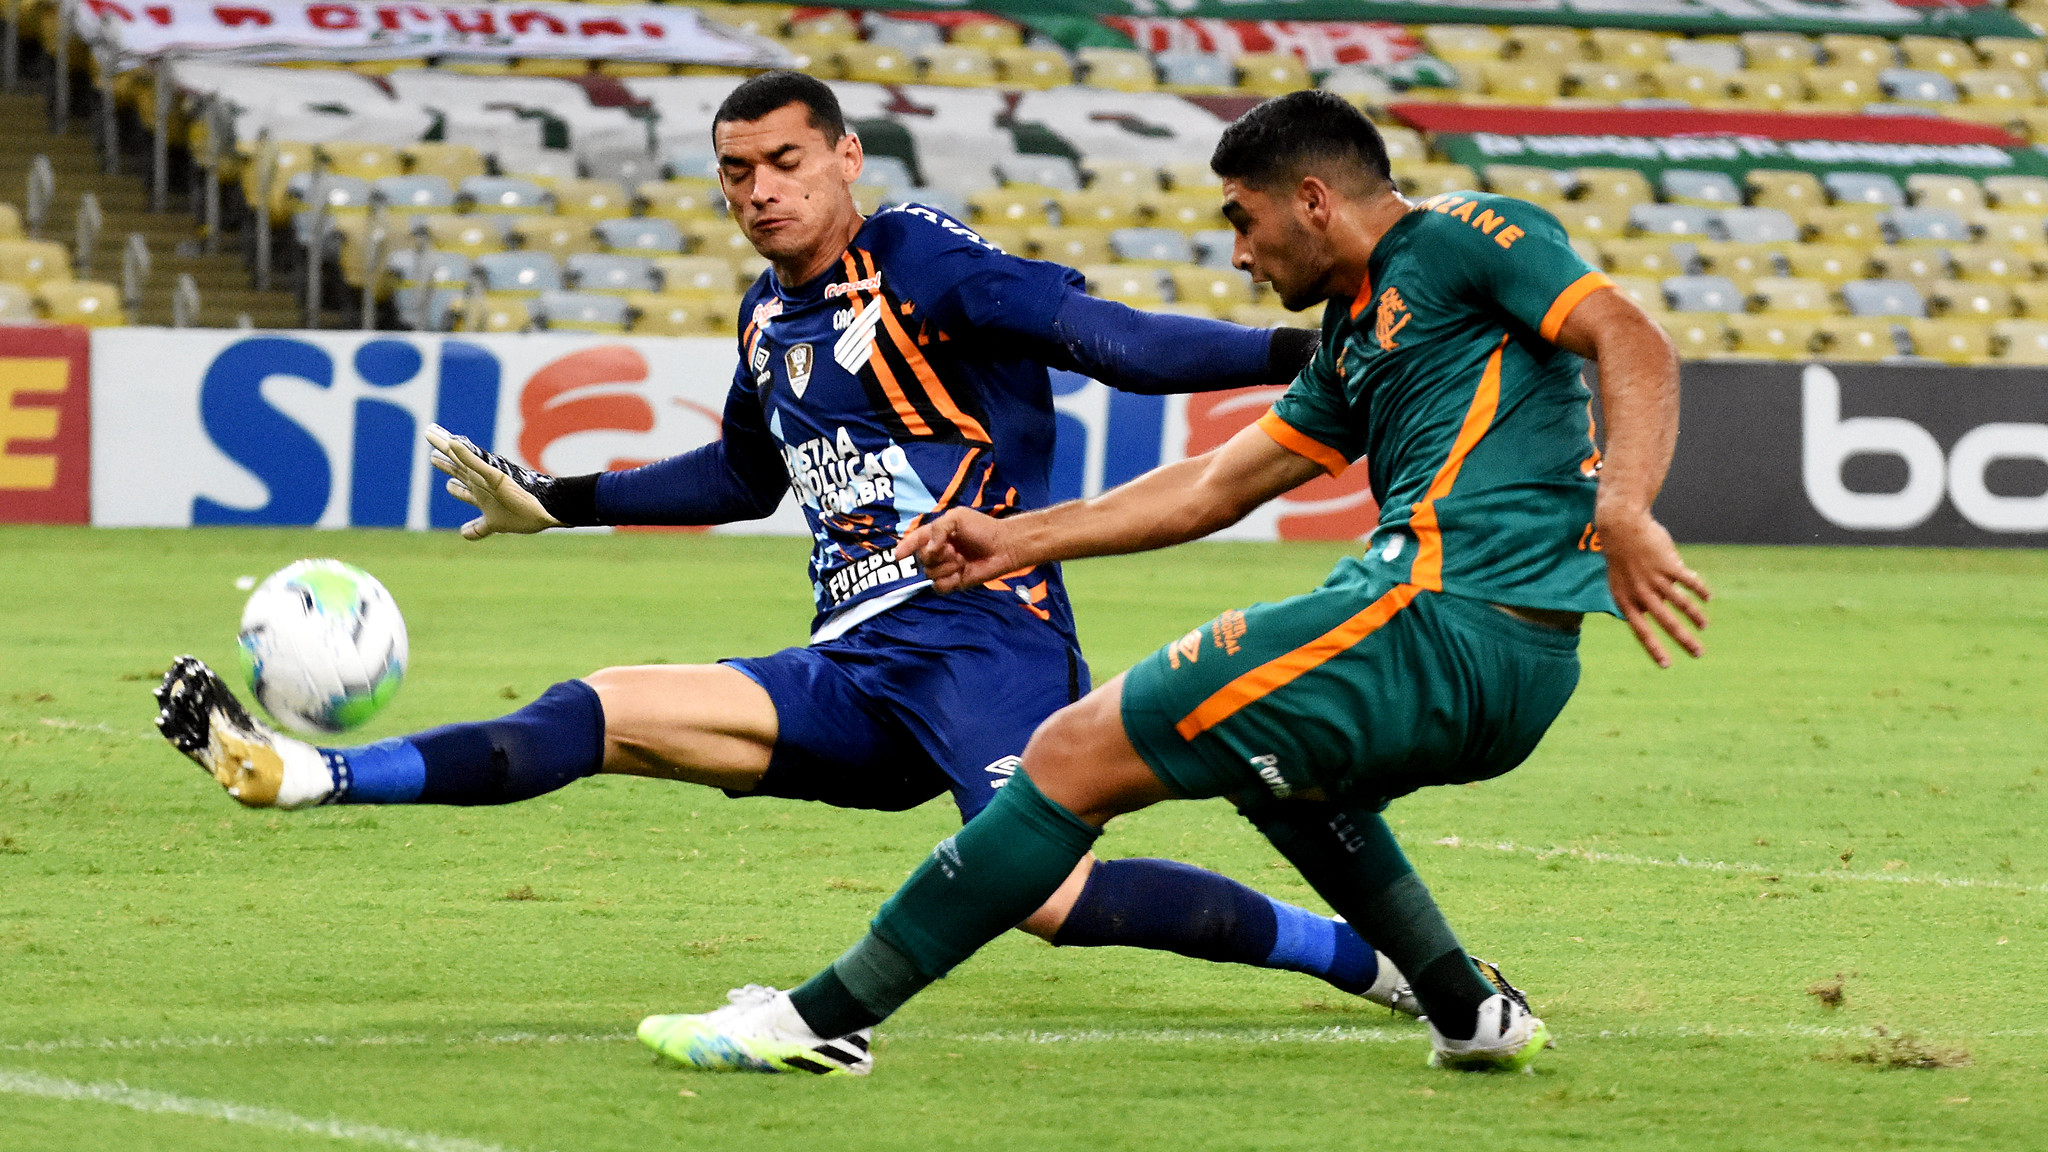 Santos defendeu essa de Michel Araujo e ainda pegou um pênalti. Foto: Maílson Santana/FFC